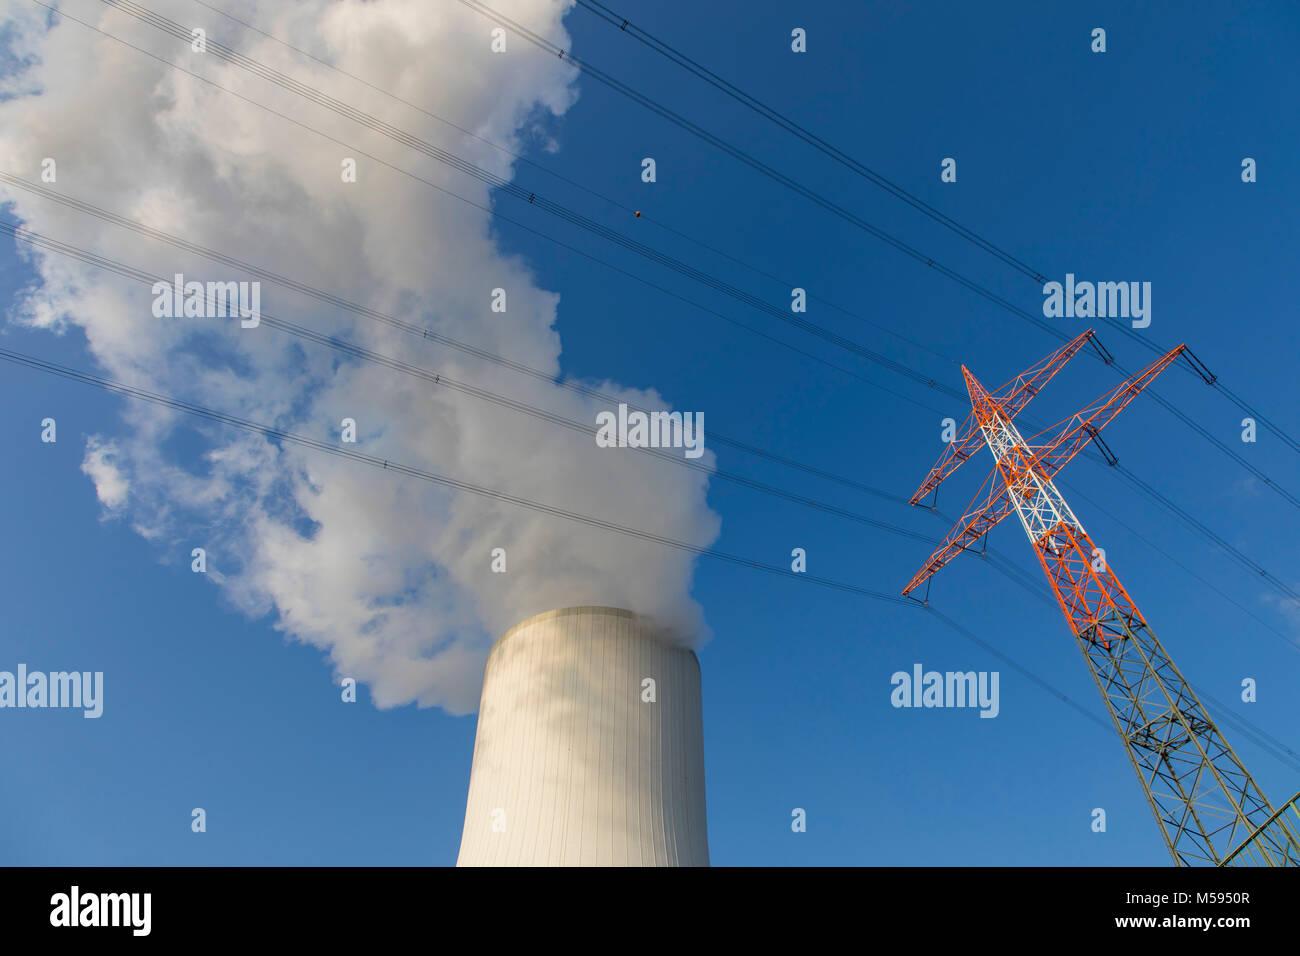 Kühlturm des Kohlekraftwerk Duisburg-Walsum, betrieben von der STEAG und der EVN AG , 181 Meter hoch, Wasserdampf Wolke, Hochspannungsleitung, Mast, Stock Photo